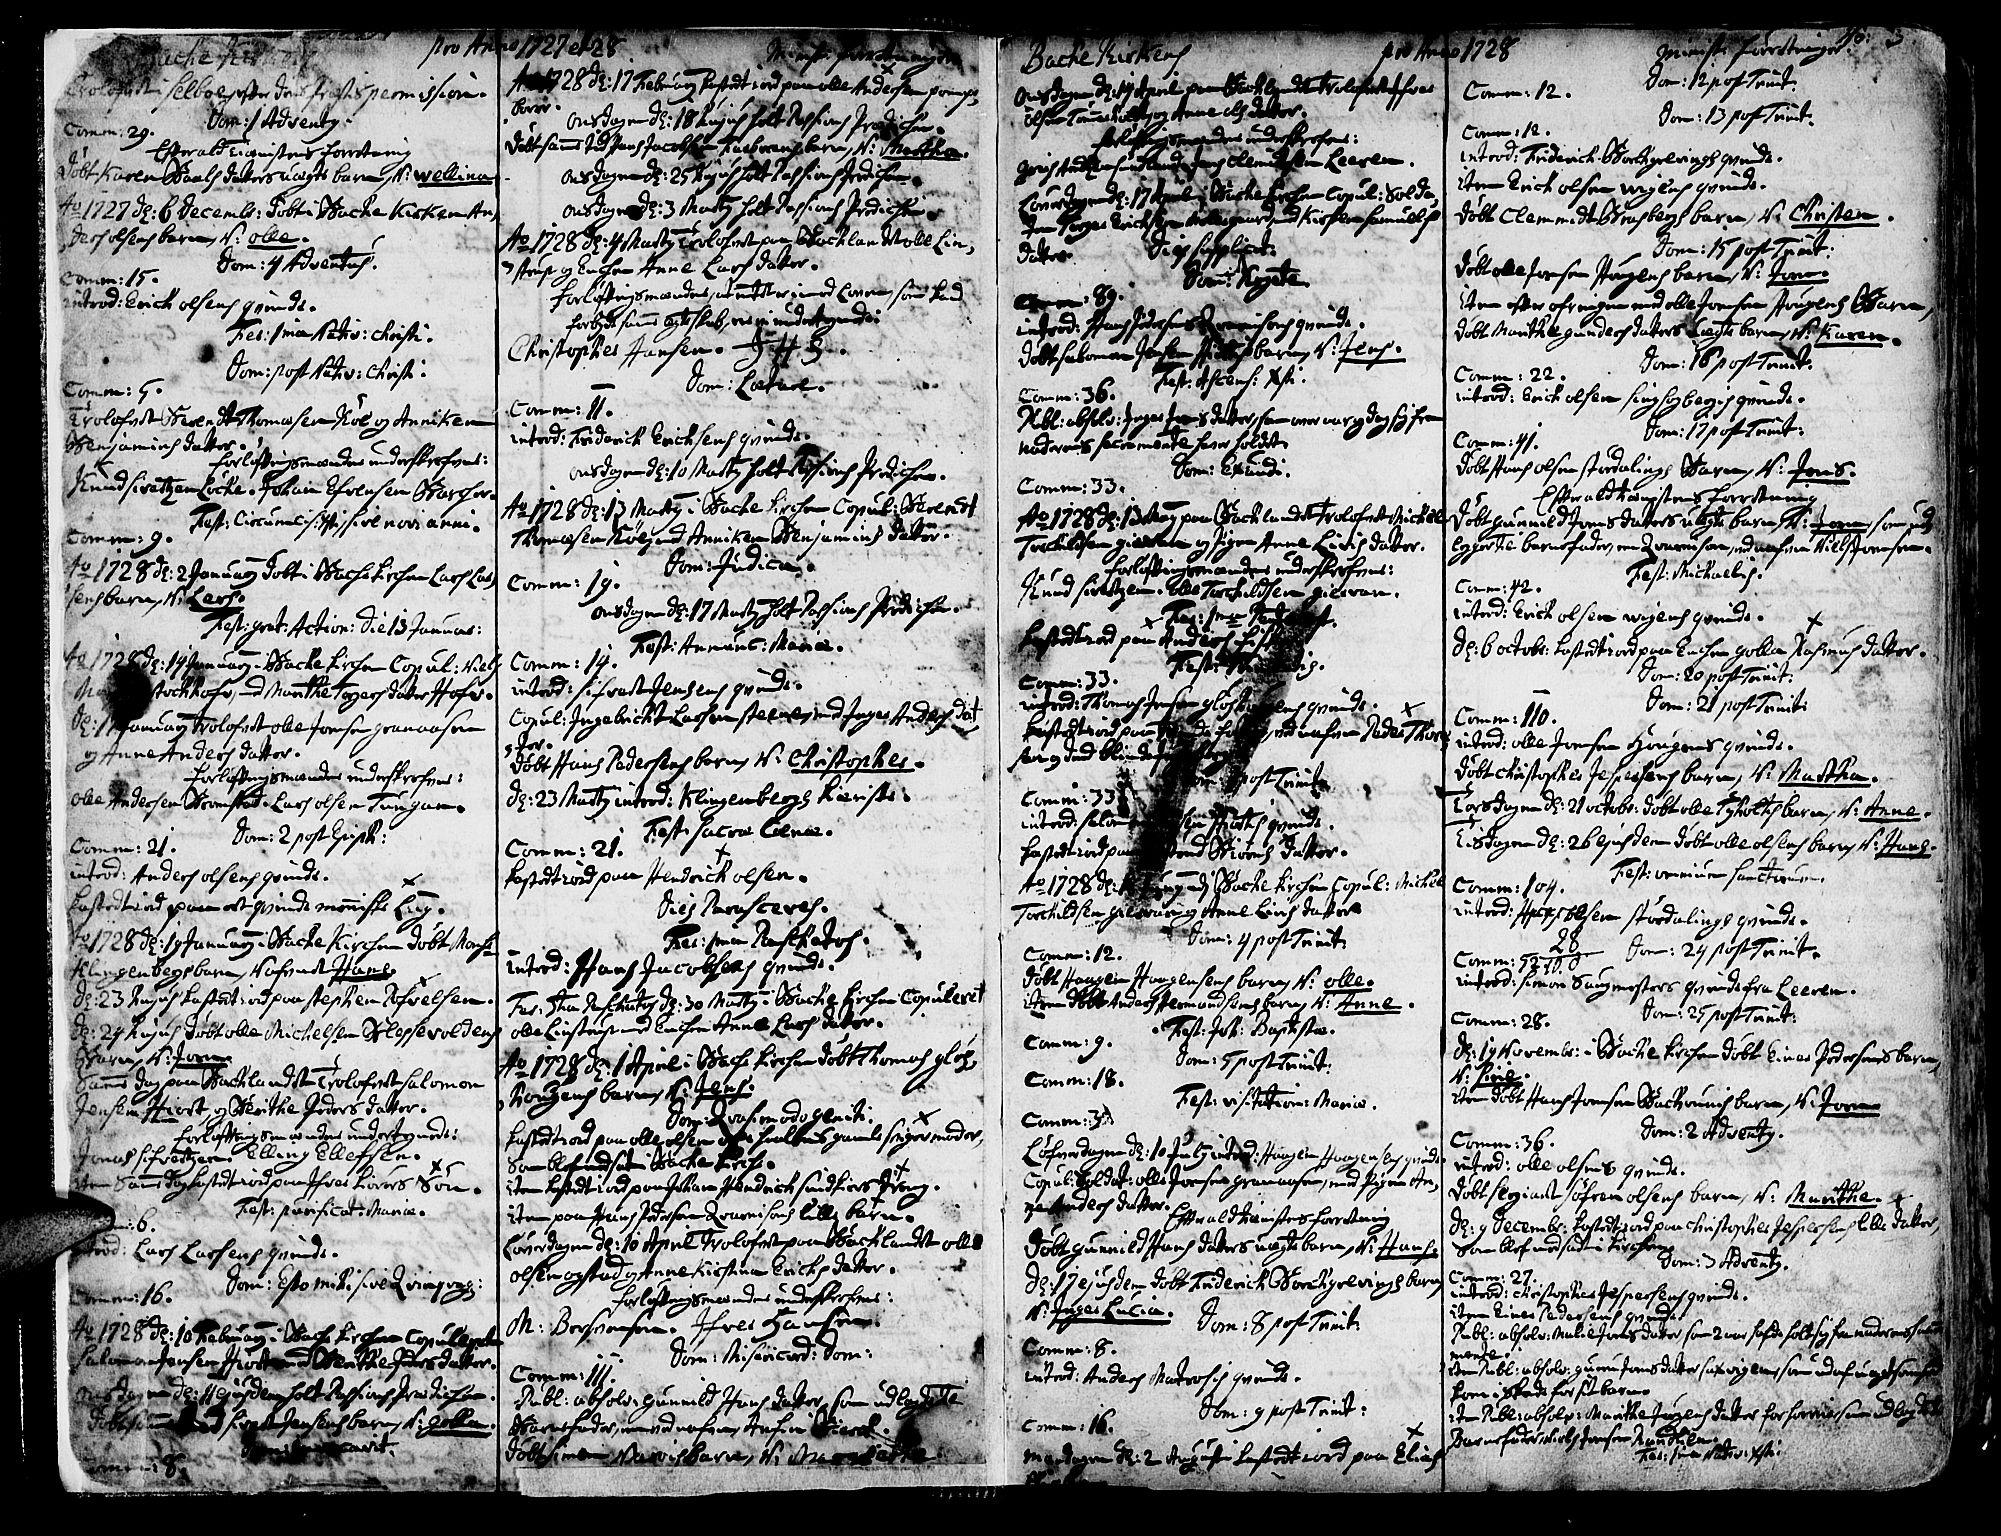 SAT, Ministerialprotokoller, klokkerbøker og fødselsregistre - Sør-Trøndelag, 606/L0276: Ministerialbok nr. 606A01 /2, 1727-1779, s. 2-3